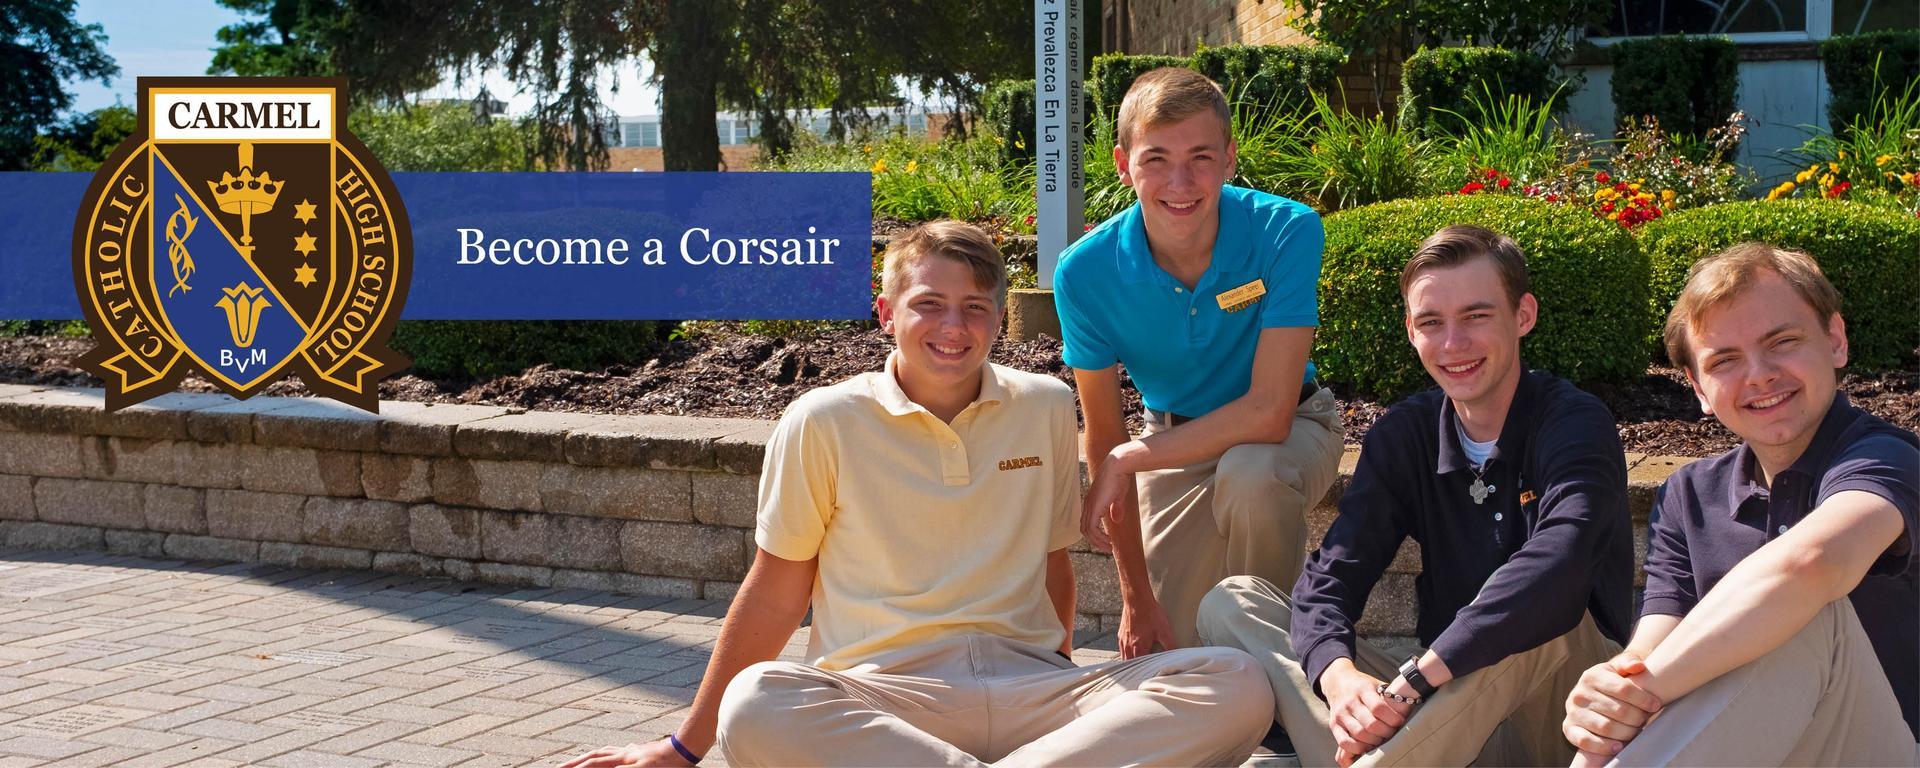 Become a Corsair